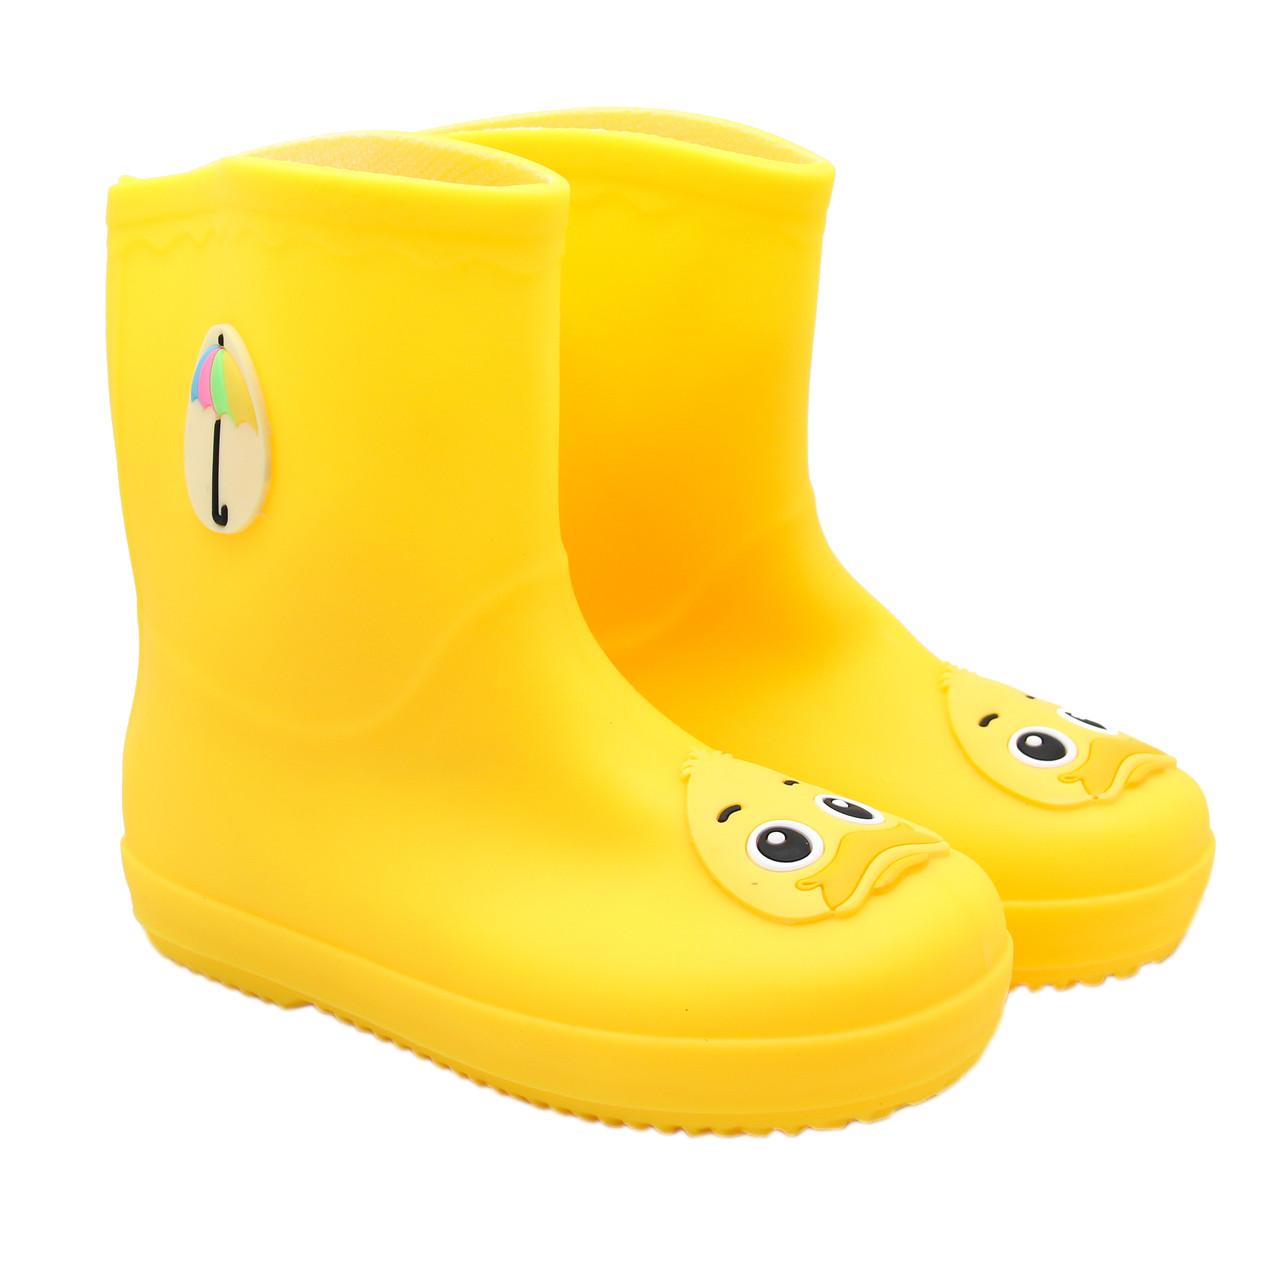 Детские резиновые сапоги, желтые, 15 см (513689-1)